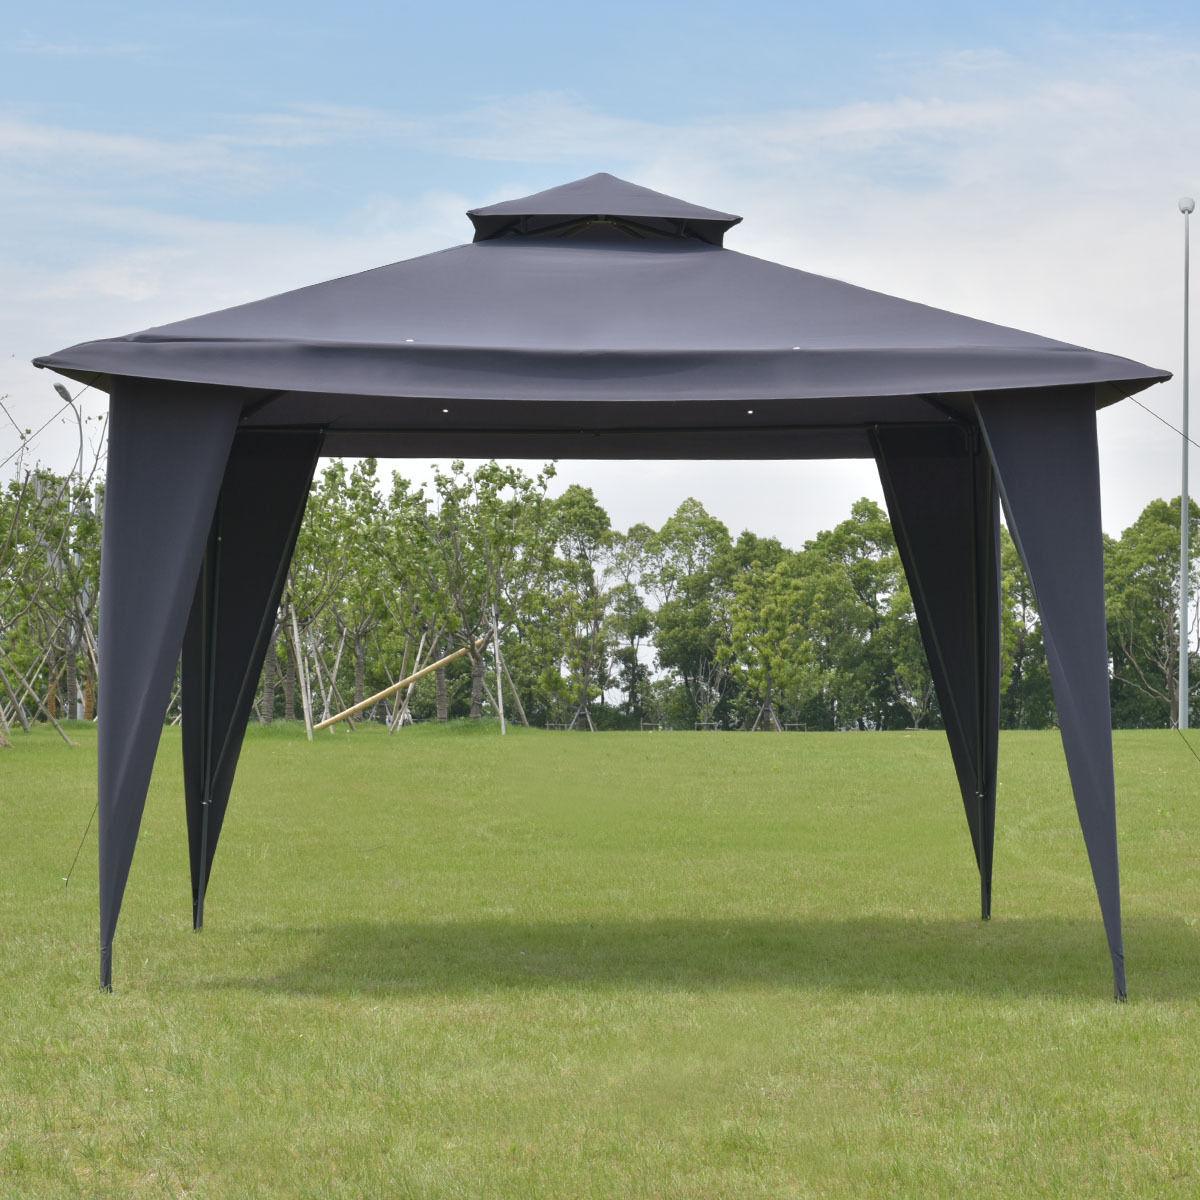 Goplus 2 Tier 11 \'X11 \'Gazebo Canopy Shelter Tragbare Hochzeit Zelt ...